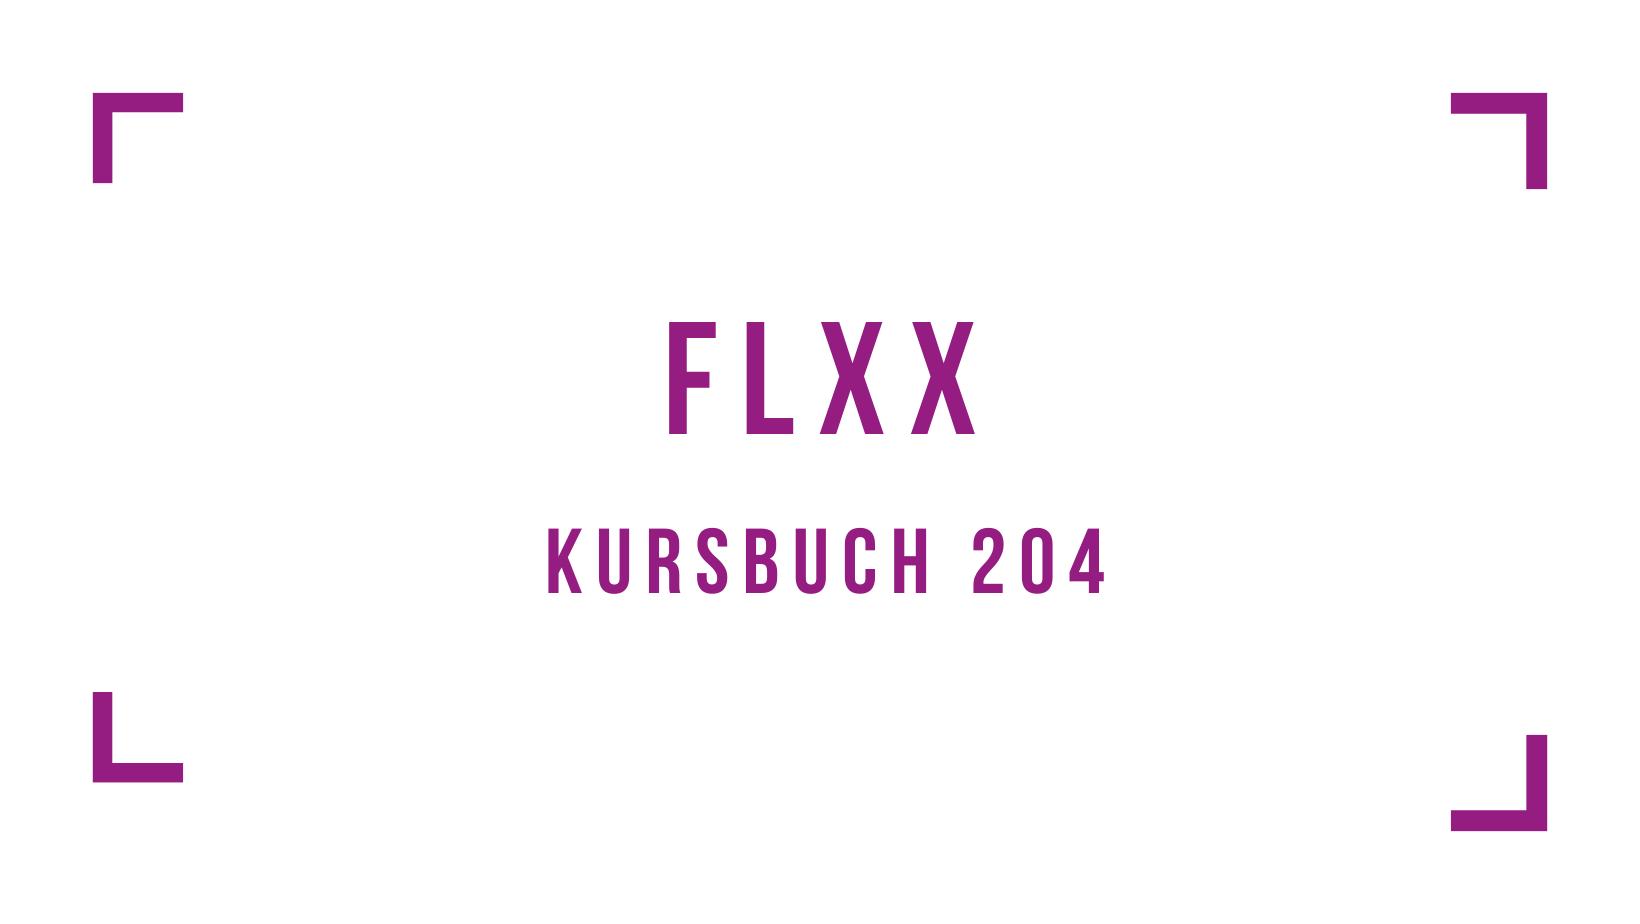 FLXX 204 – Schlussleuchten von und mit Peter Felixberger